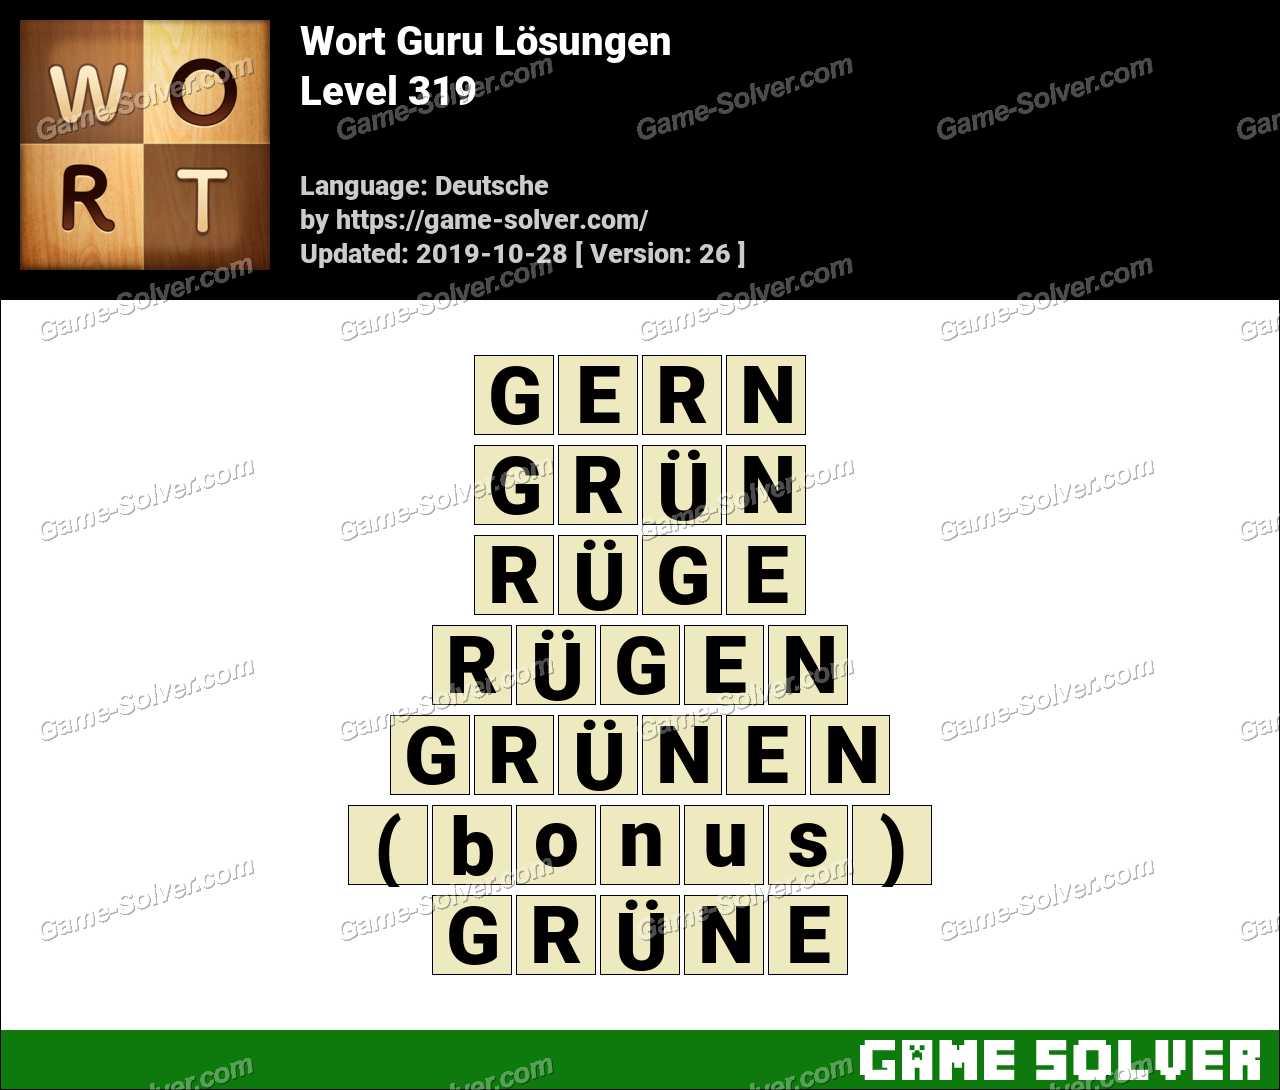 Wort Guru Level 319 Lösungen